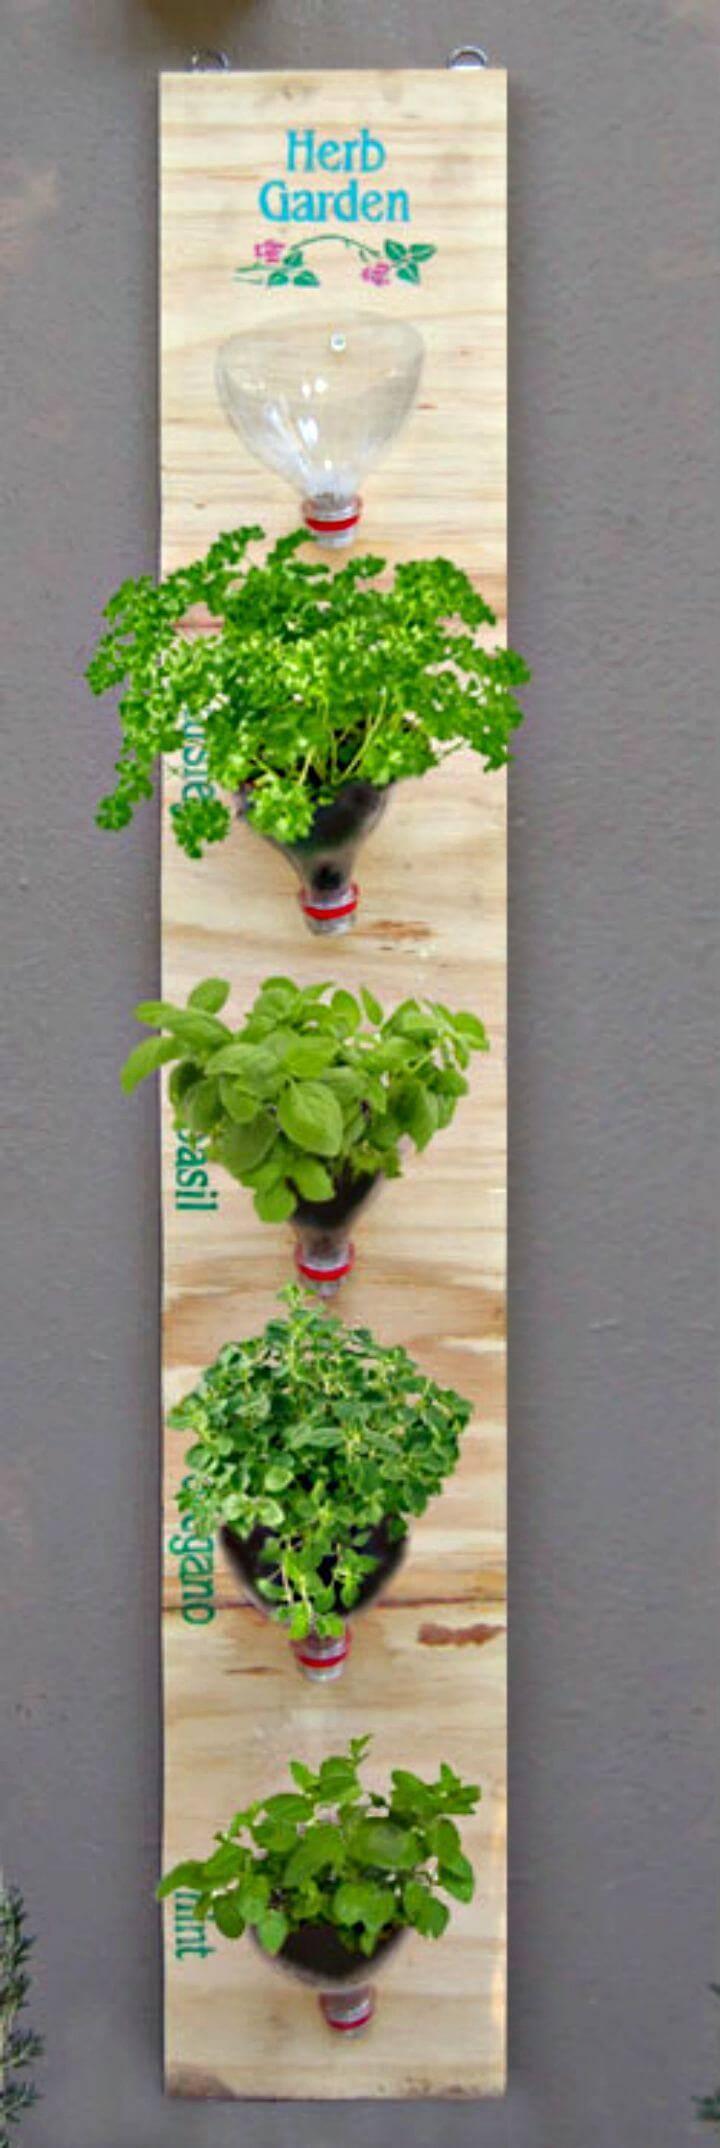 How to Build Hanging Herb Garden